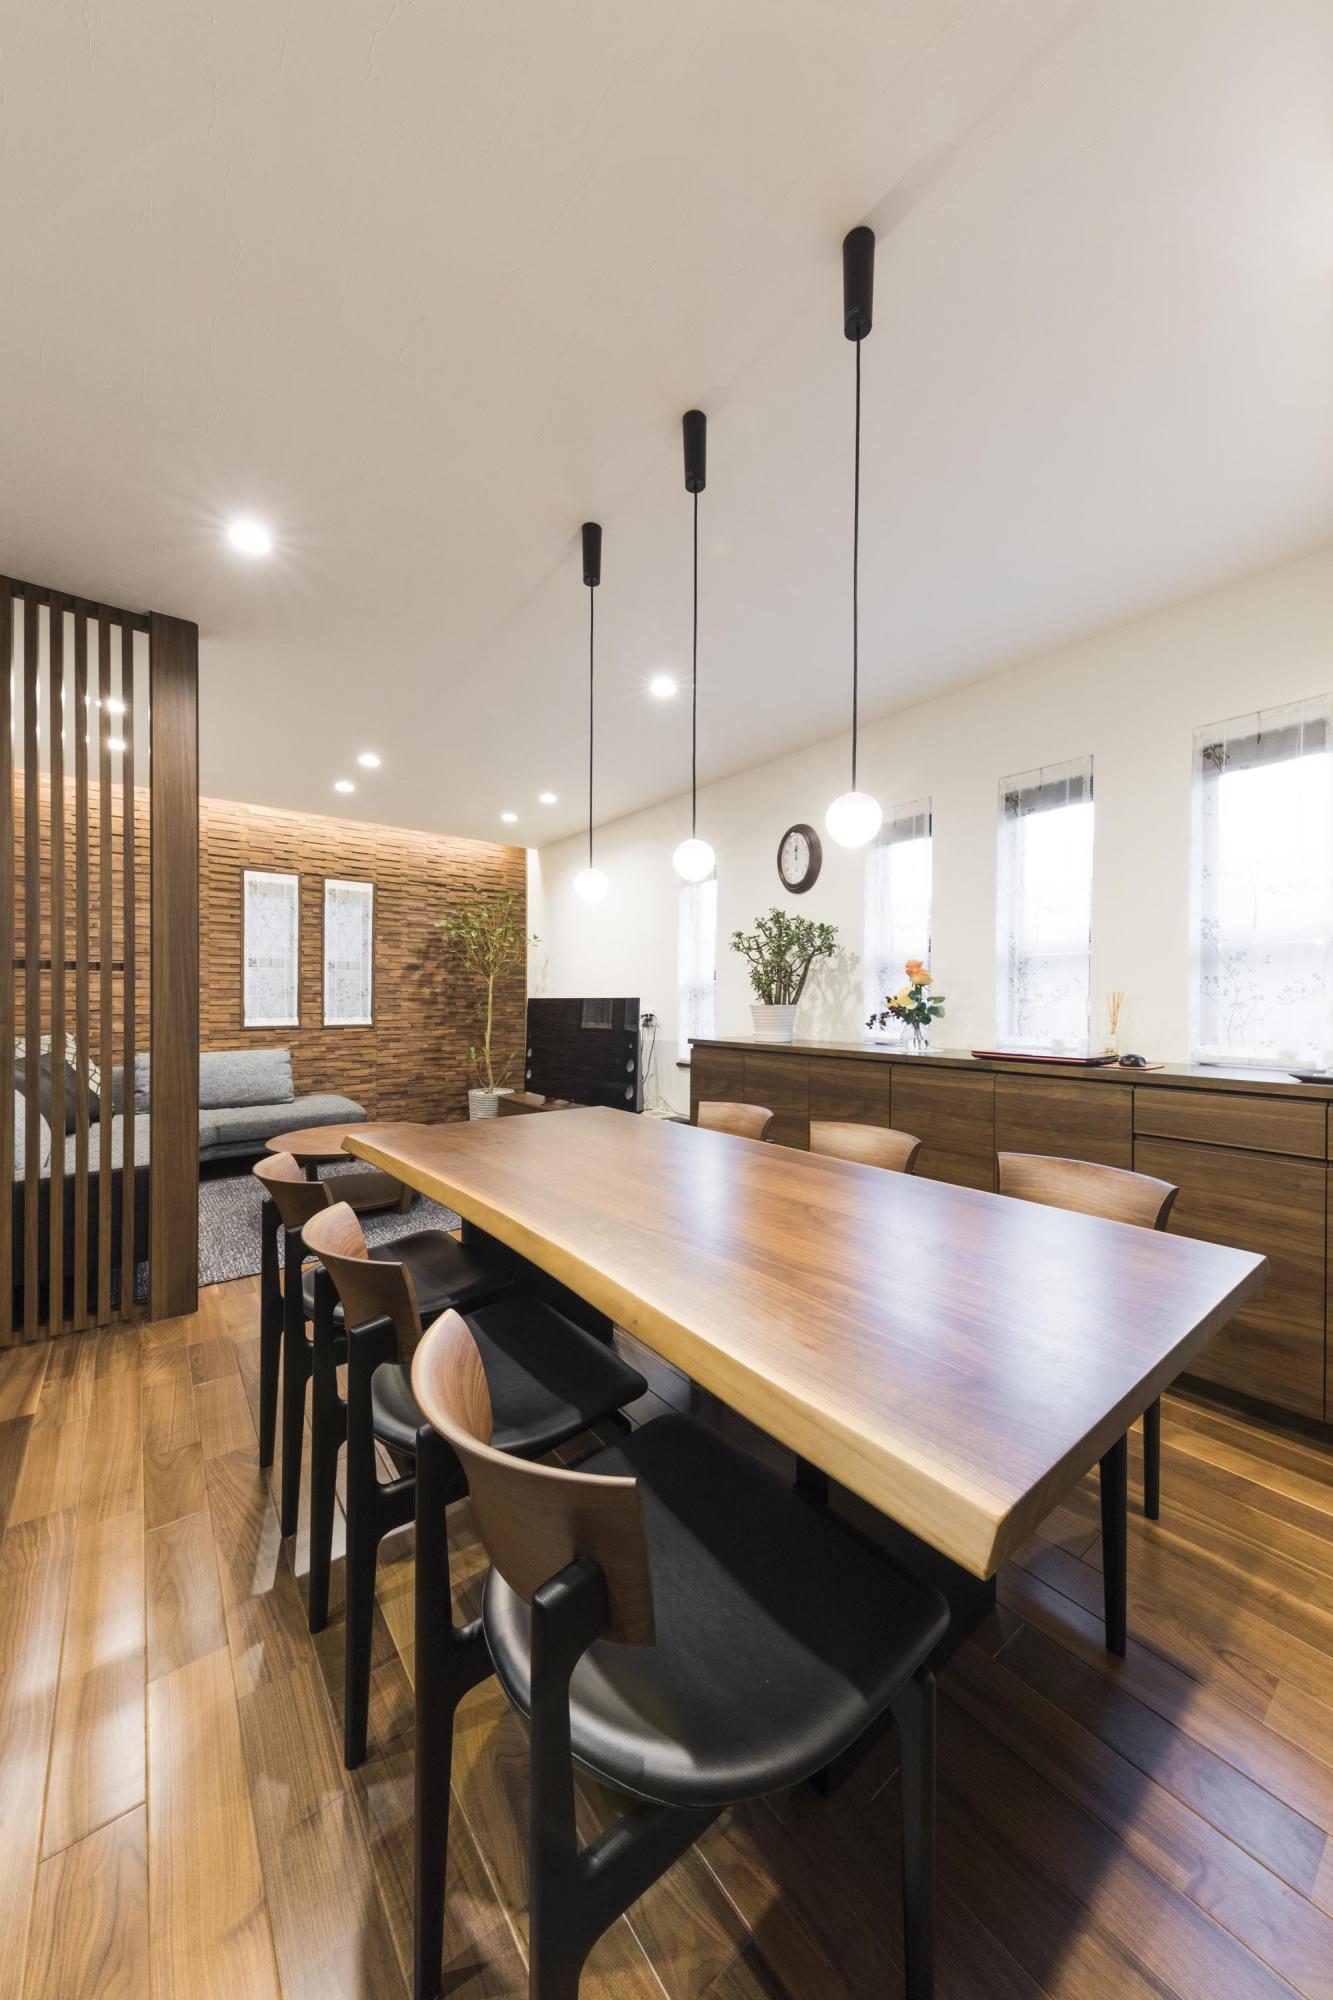 6畳の和室をLDKに取り込み、親戚が集い、団欒を楽しめる広い空間を実現した。リビングにあった構造上抜けない柱を活かして、目隠しにもなる木の格子を採用。圧迫感もなく、広々とした感じが損なわれずに、デザイン的にも美しい空間を演出している